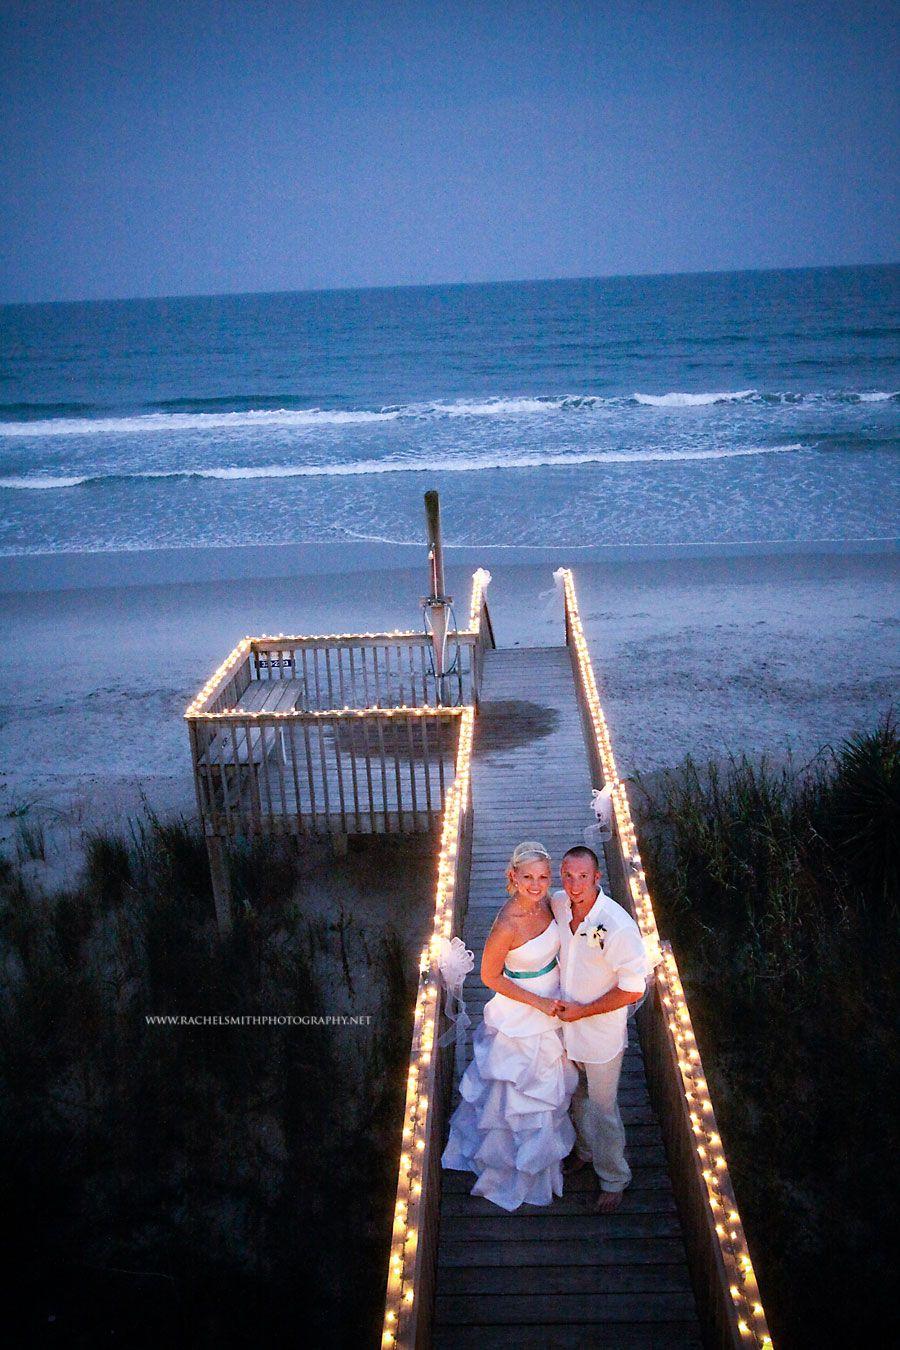 Surf City, NC - South Topsail Beach, NC  destination beach wedding http://www.rachelsmithphotography.net